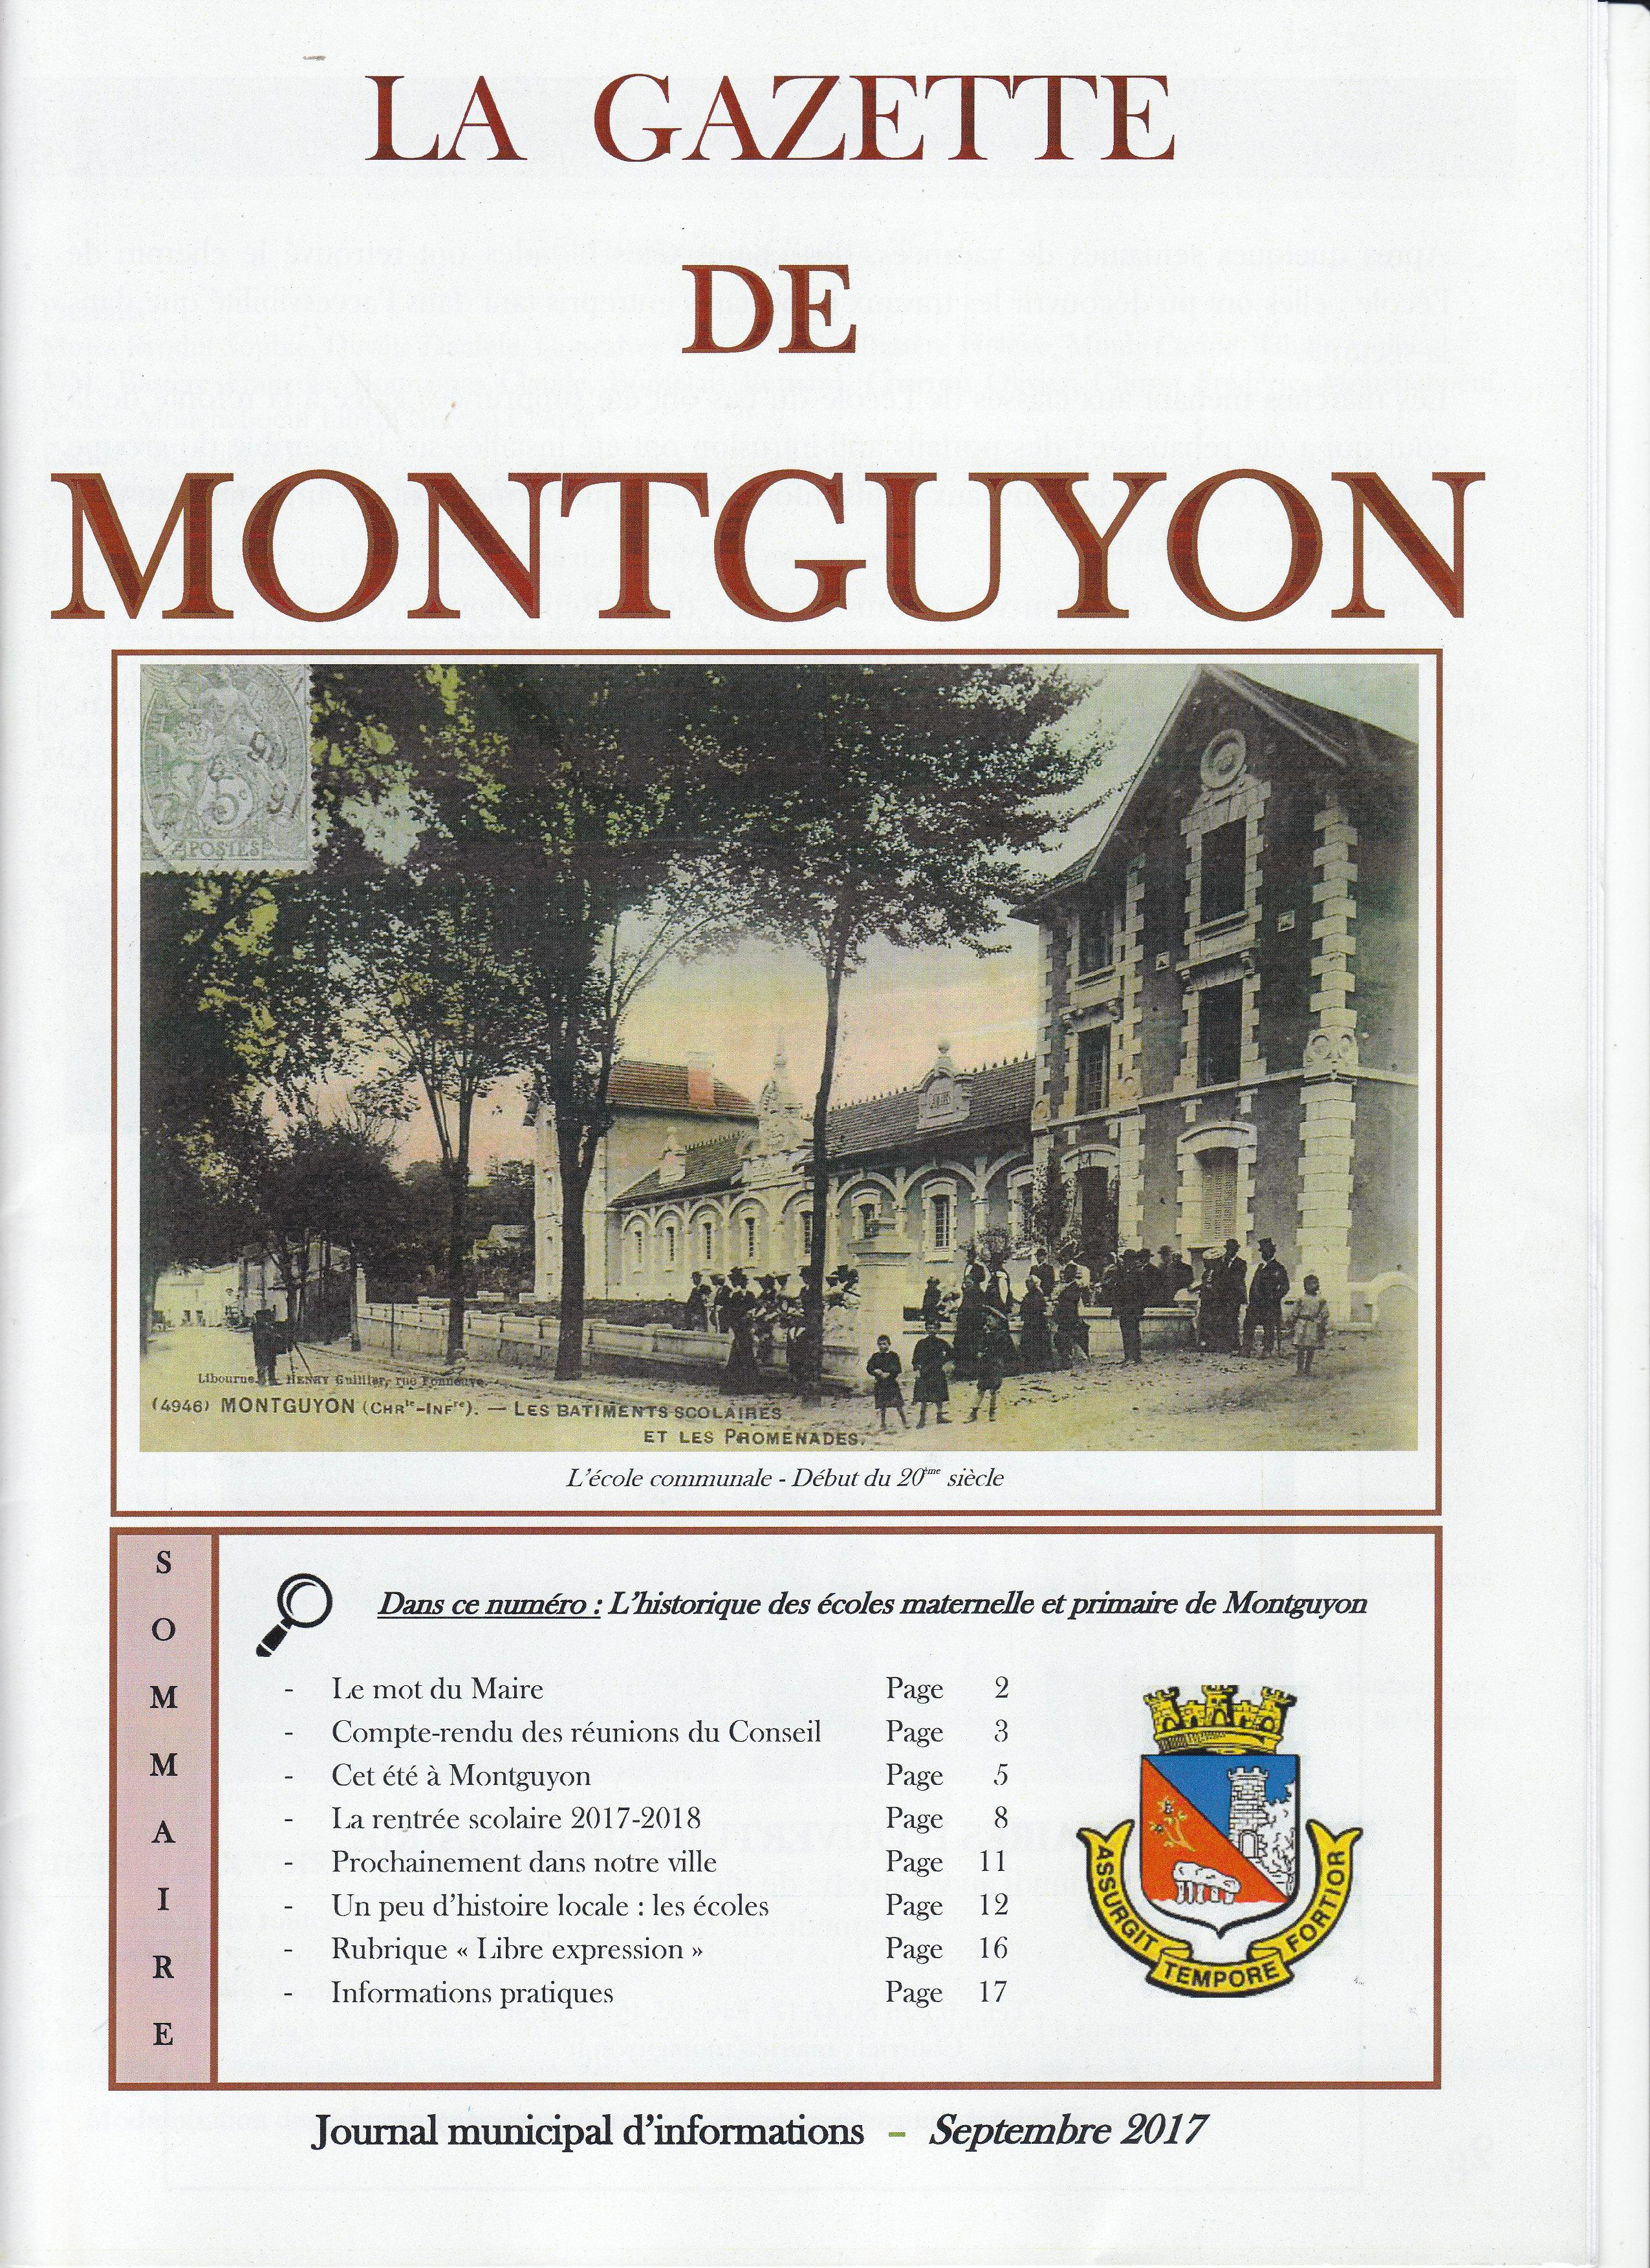 1ER PAGESEP17